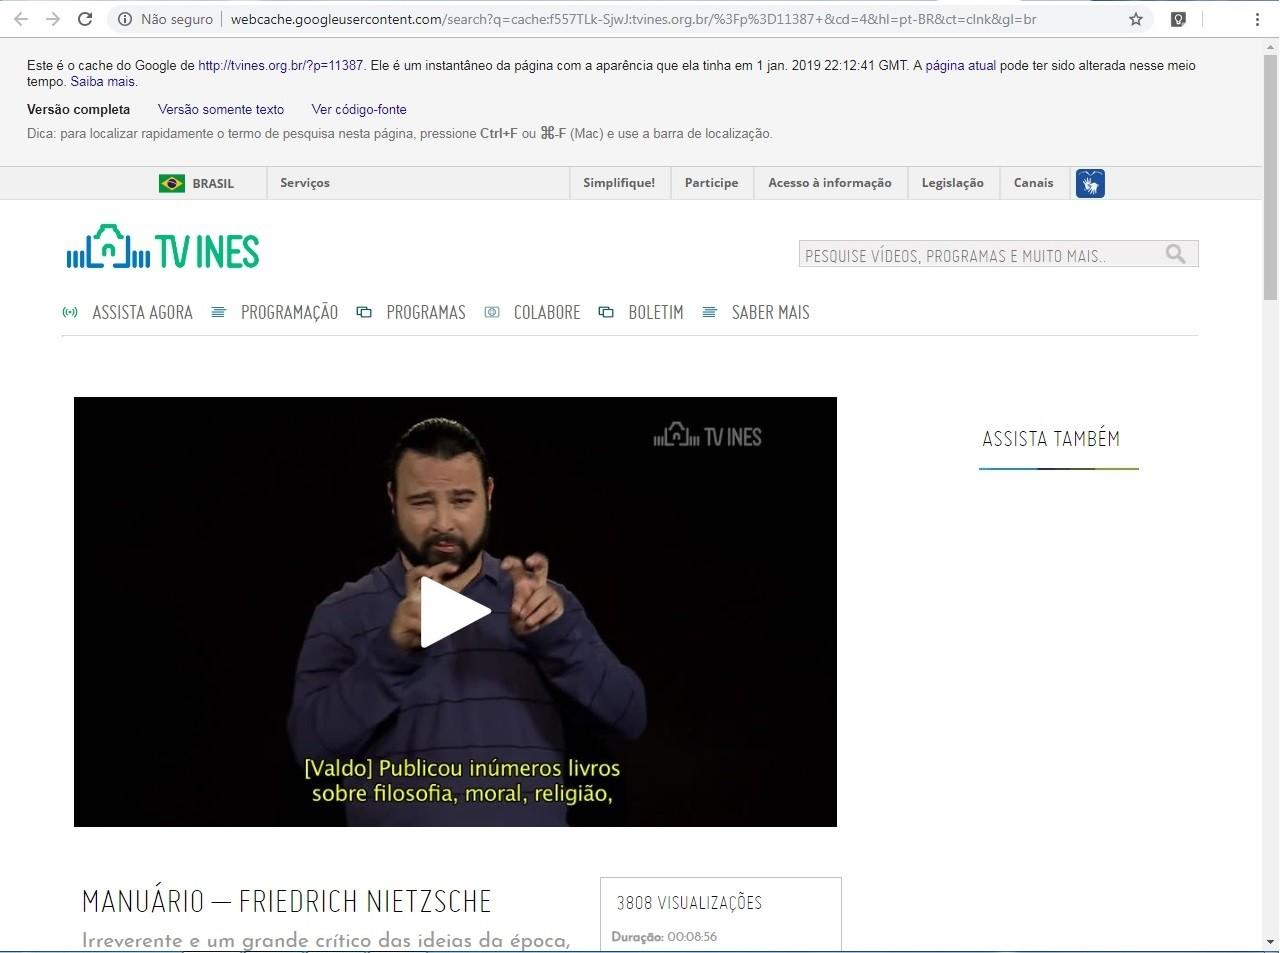 Vídeo sobre Friedrich Nietzche estava no ar no mínimo até 1 de janeiro